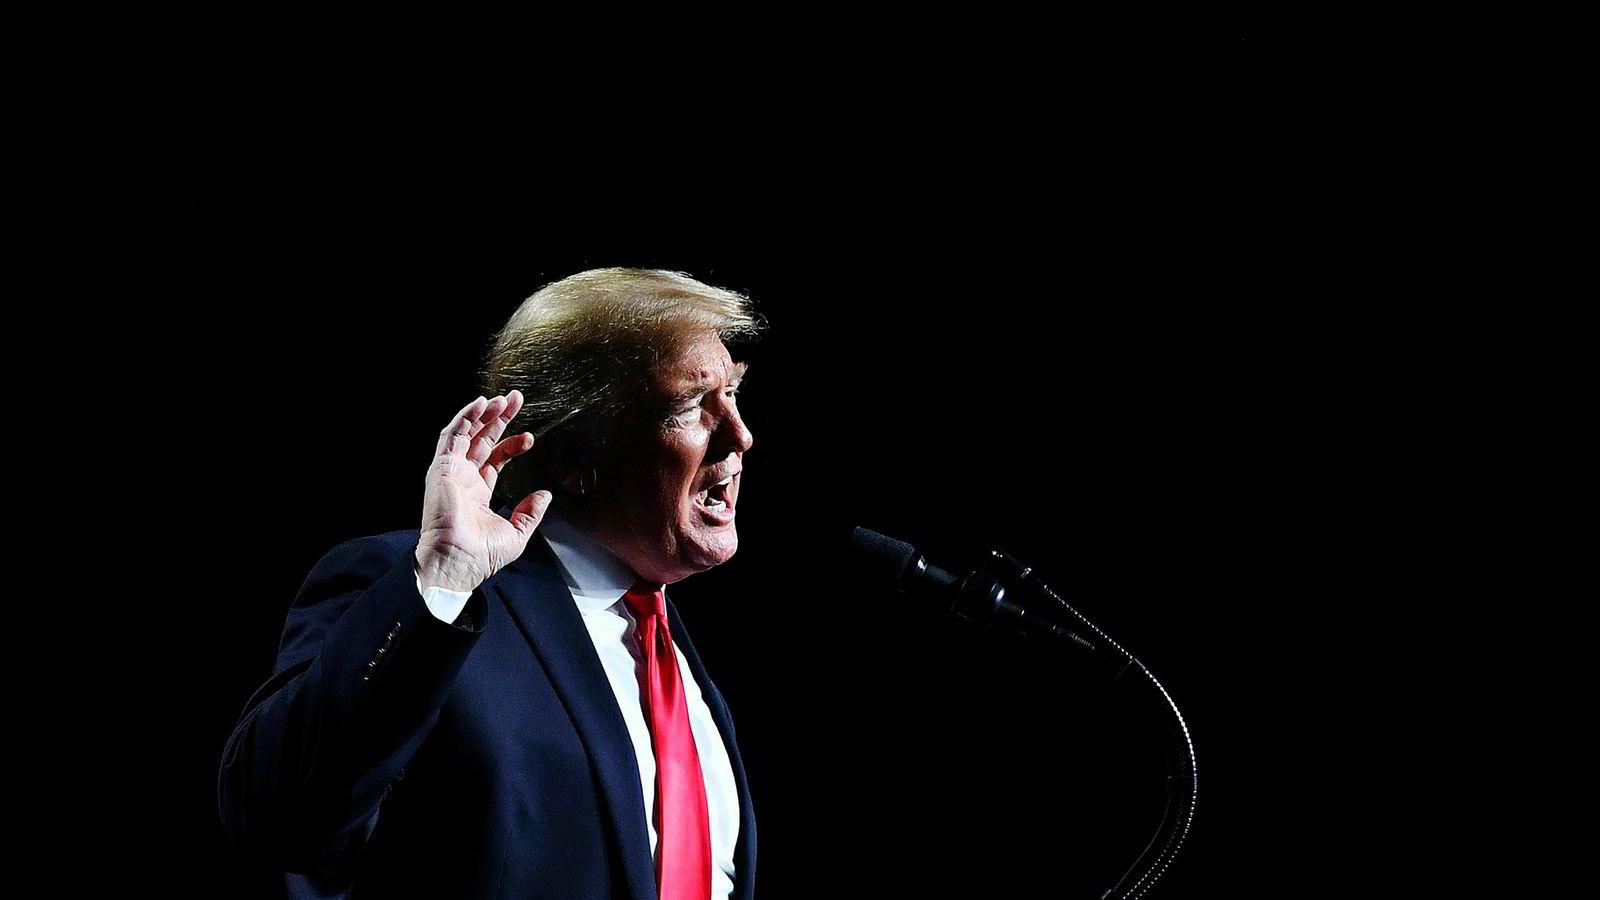 En ny hverdag har startet for president Donald Trump etter at demokratene tok kontroll over Representantenes hus. Han får ikke penger til muren sin, men han har nå fått sknapp støtte i Kongressen for at sanksjonene mot en russisk oligark oppheves.